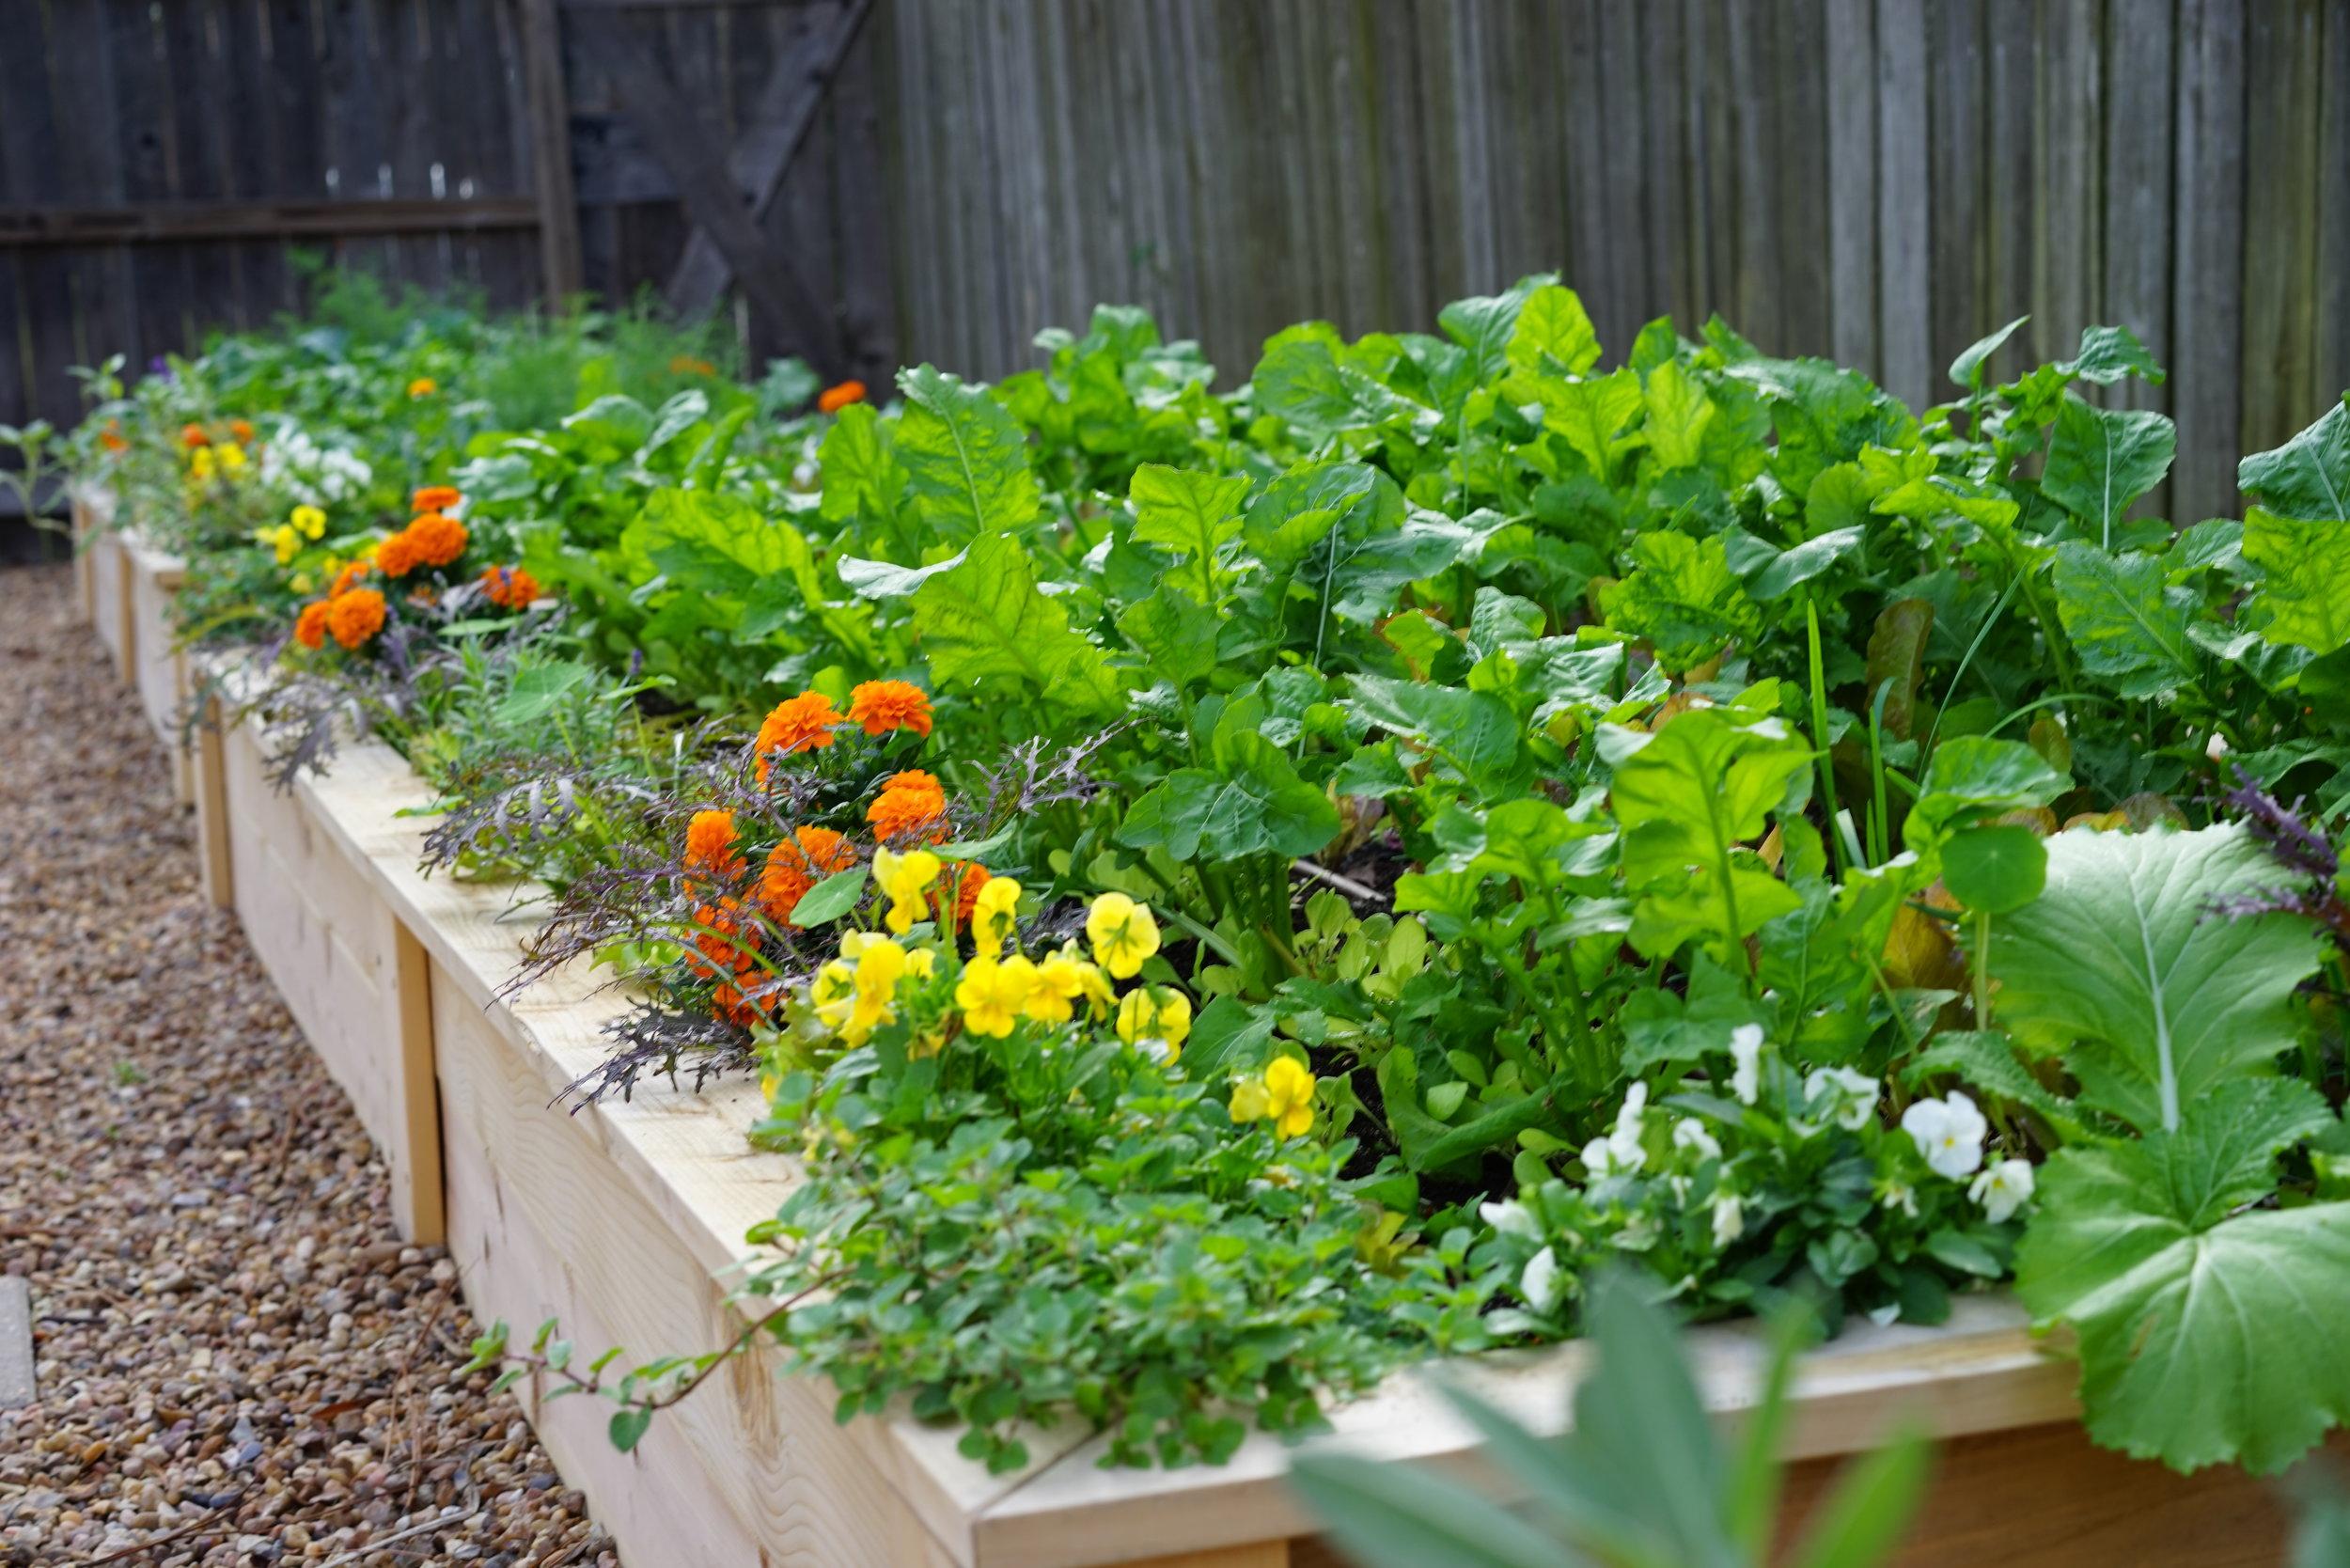 Learn to Grow Salad -